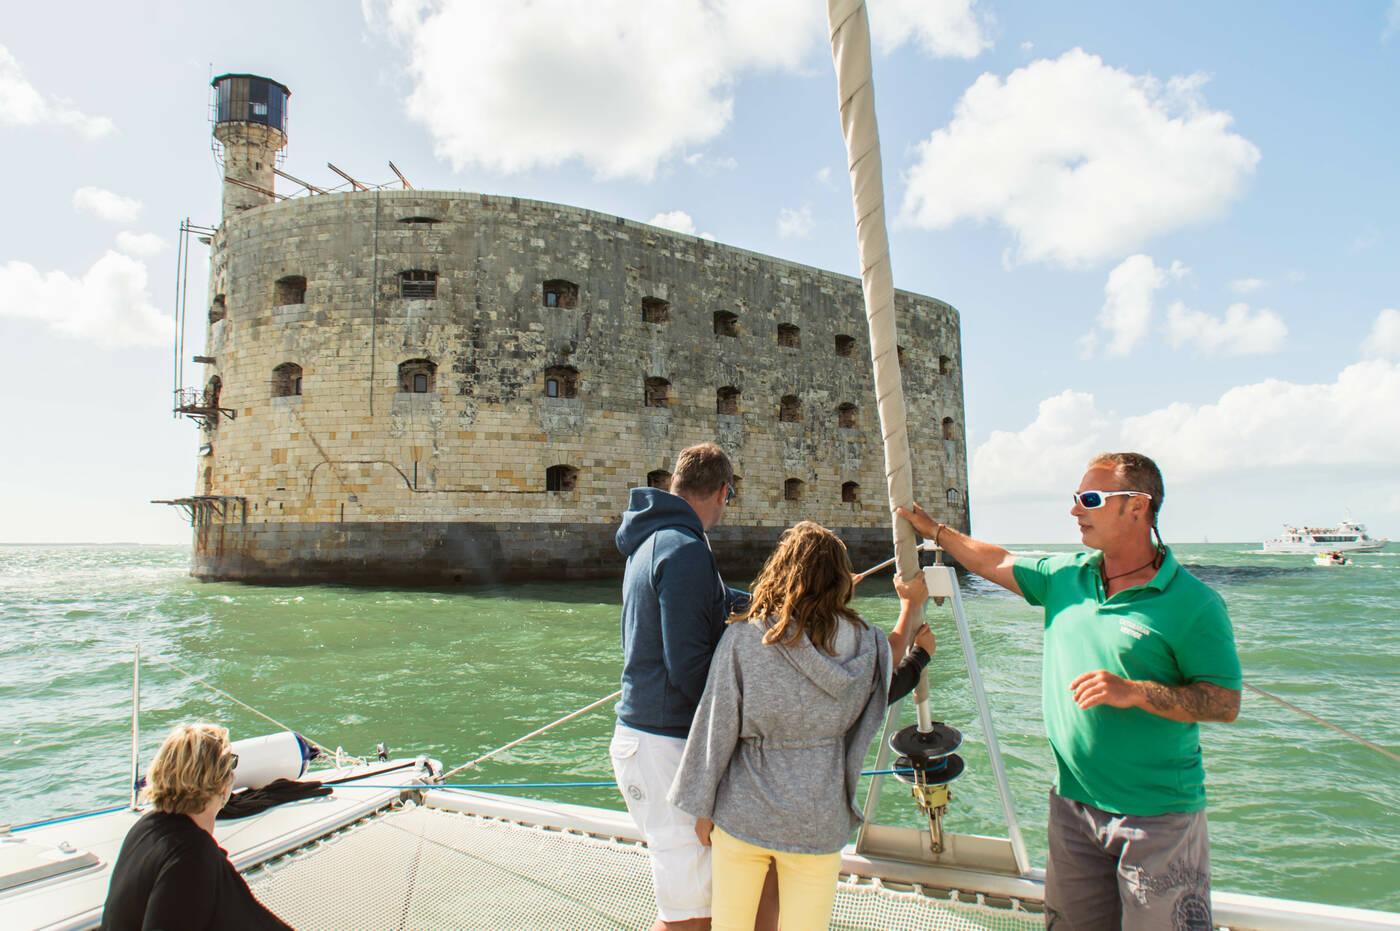 Le tour du fort boyard en bateau rochefort oc an office de tourisme de rochefort oc an - Office de tourisme rochefort ocean ...